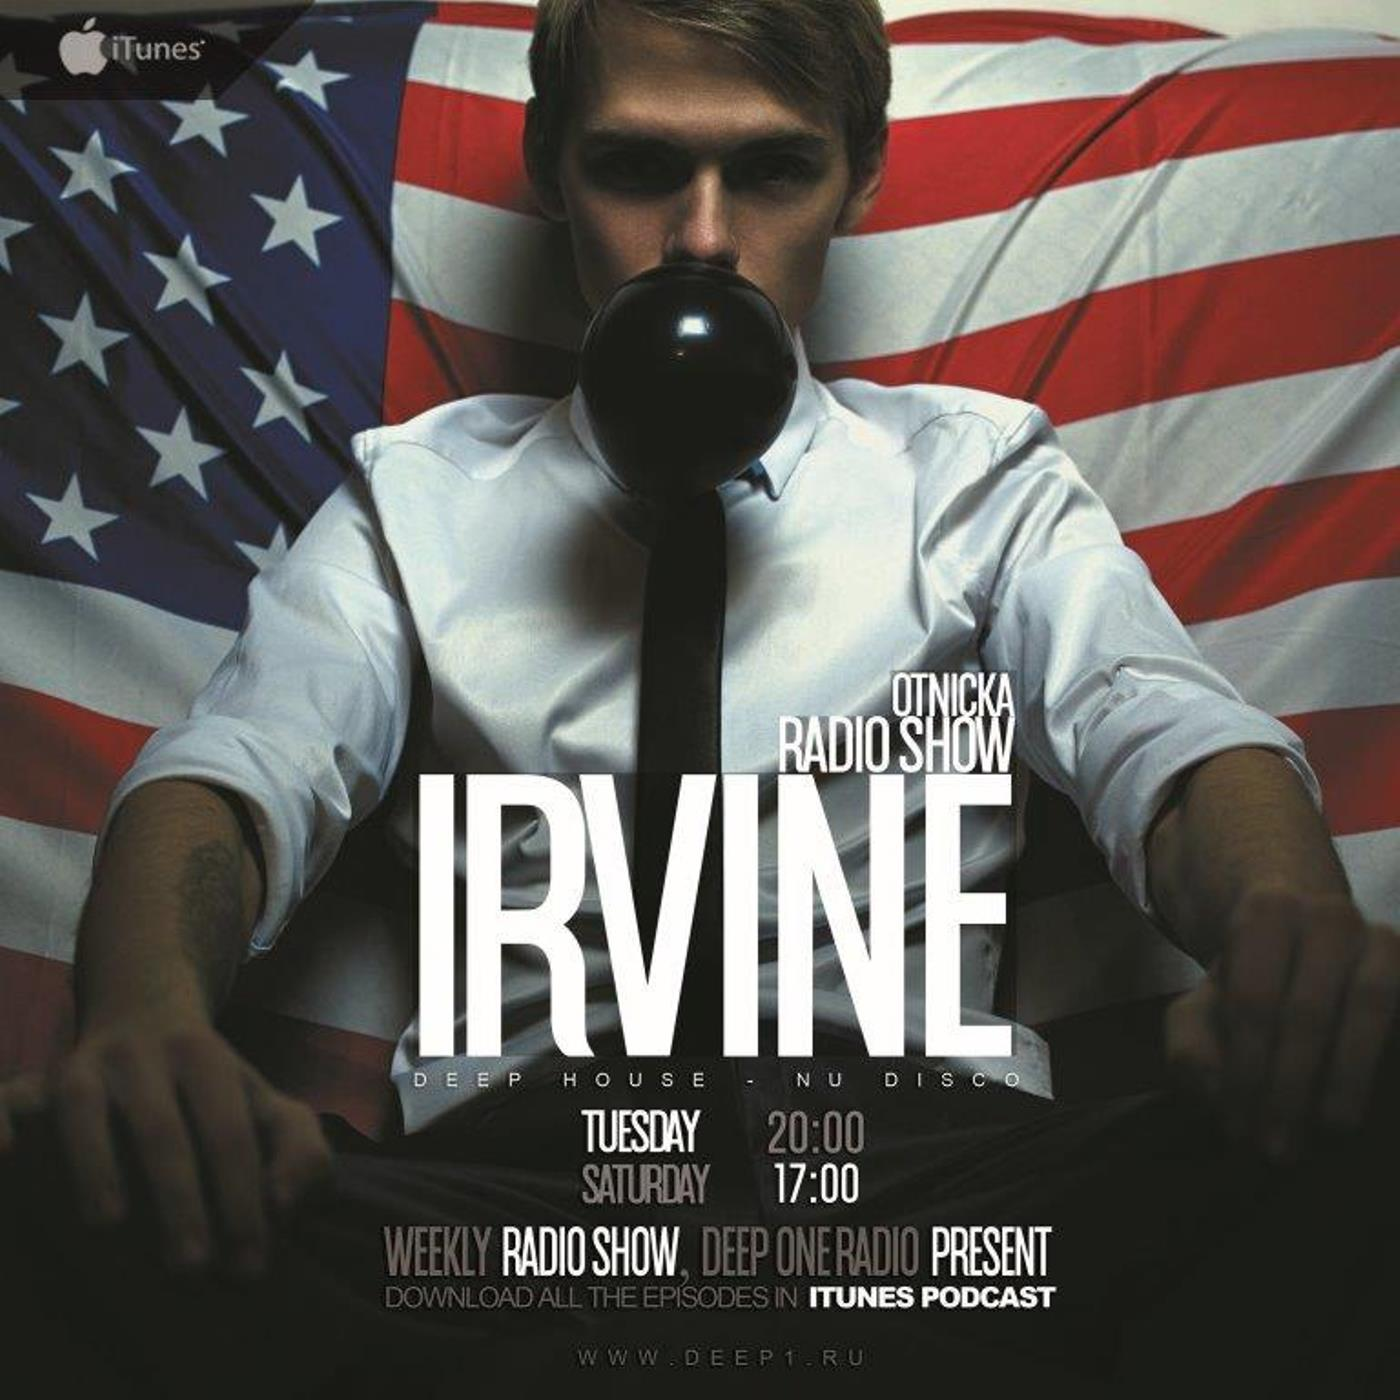 Otnicka - Irvine Radio Show